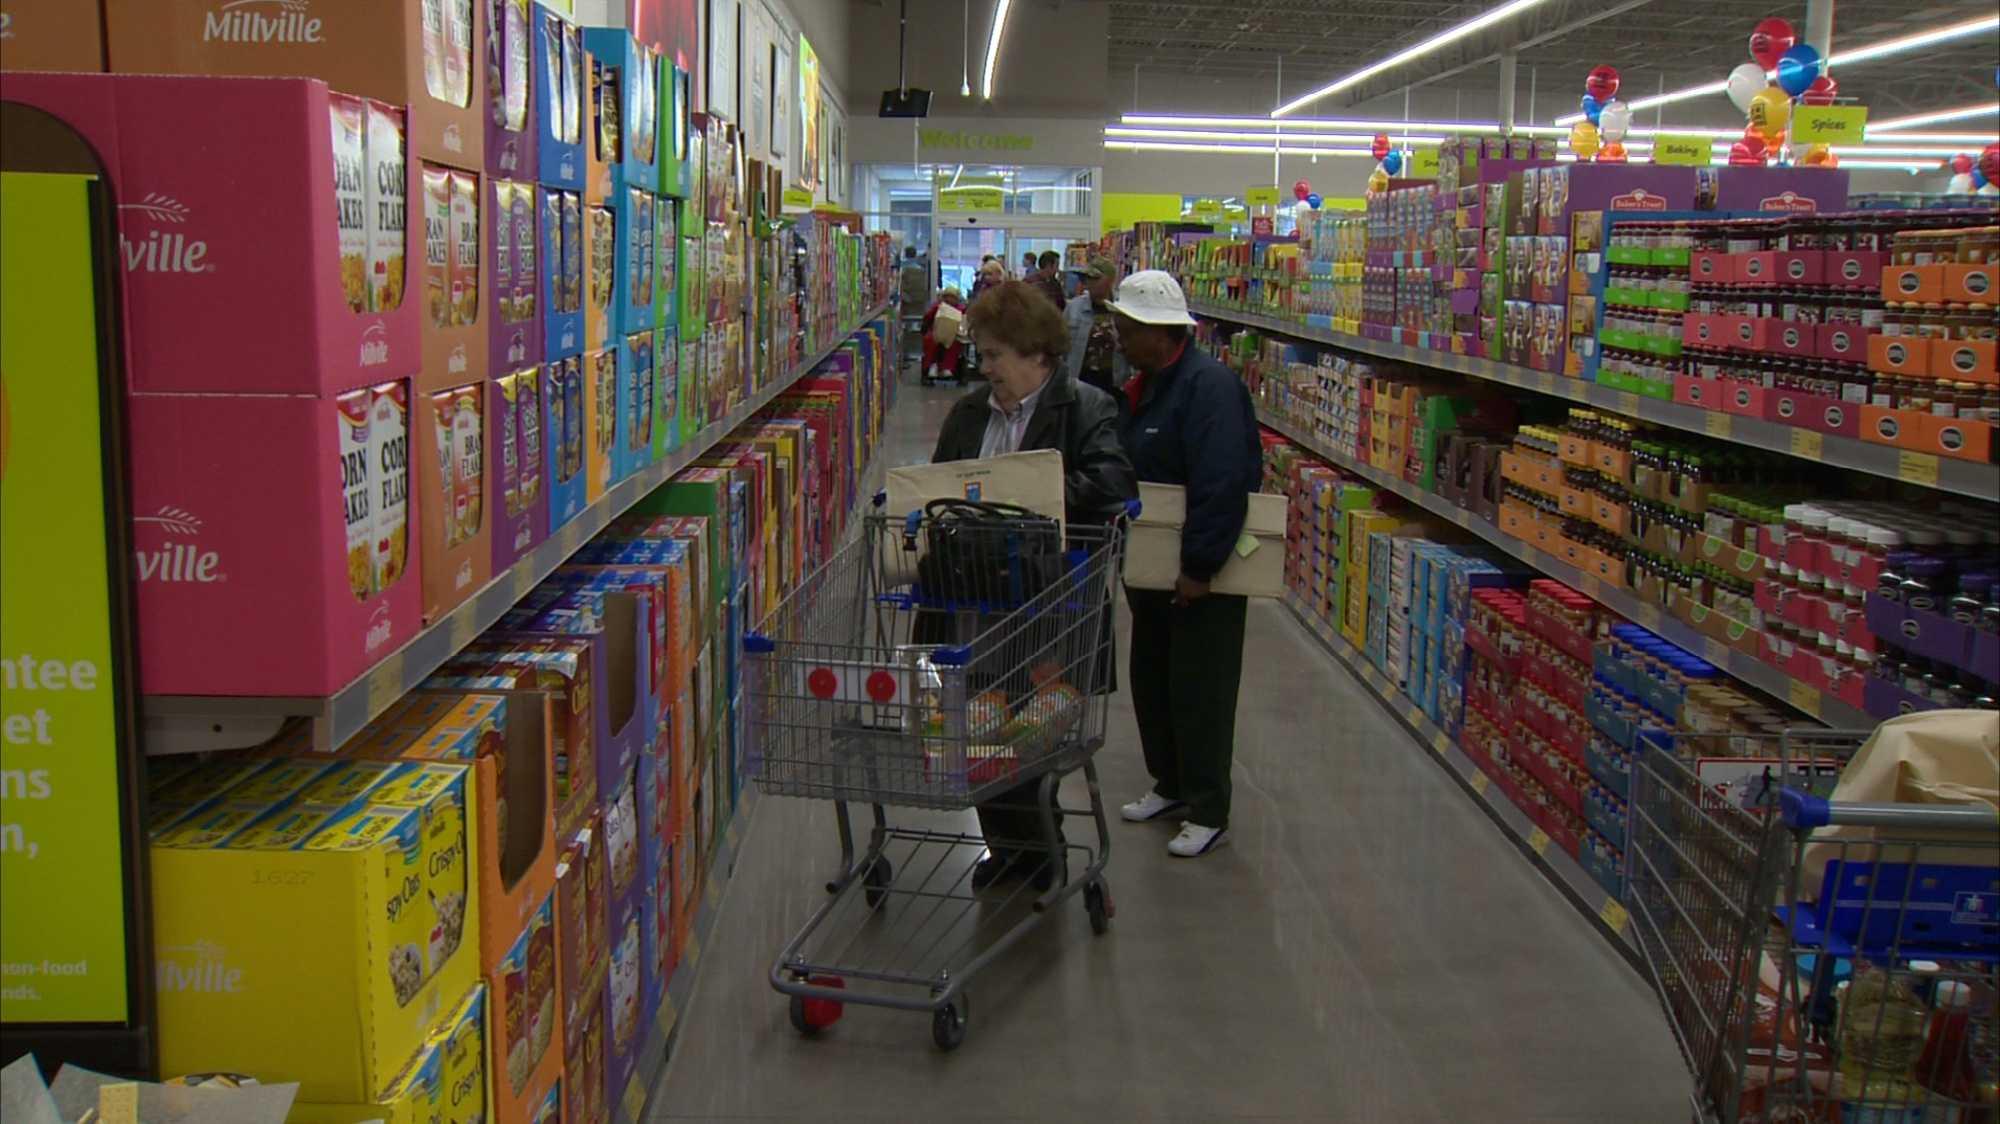 Aldi grocery store aisle